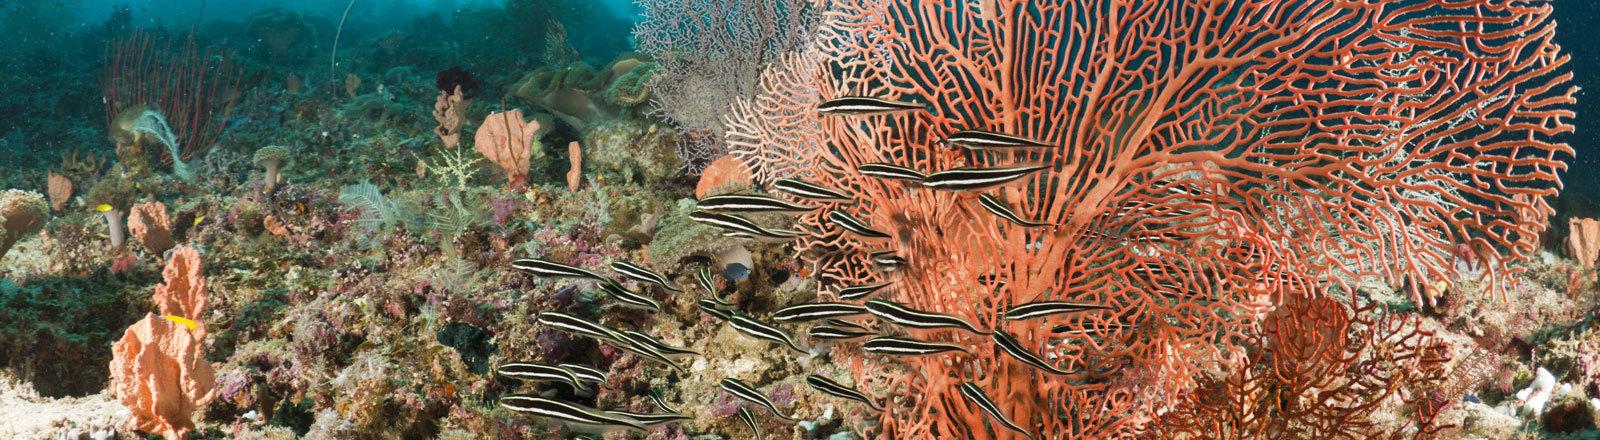 Korallenwels.